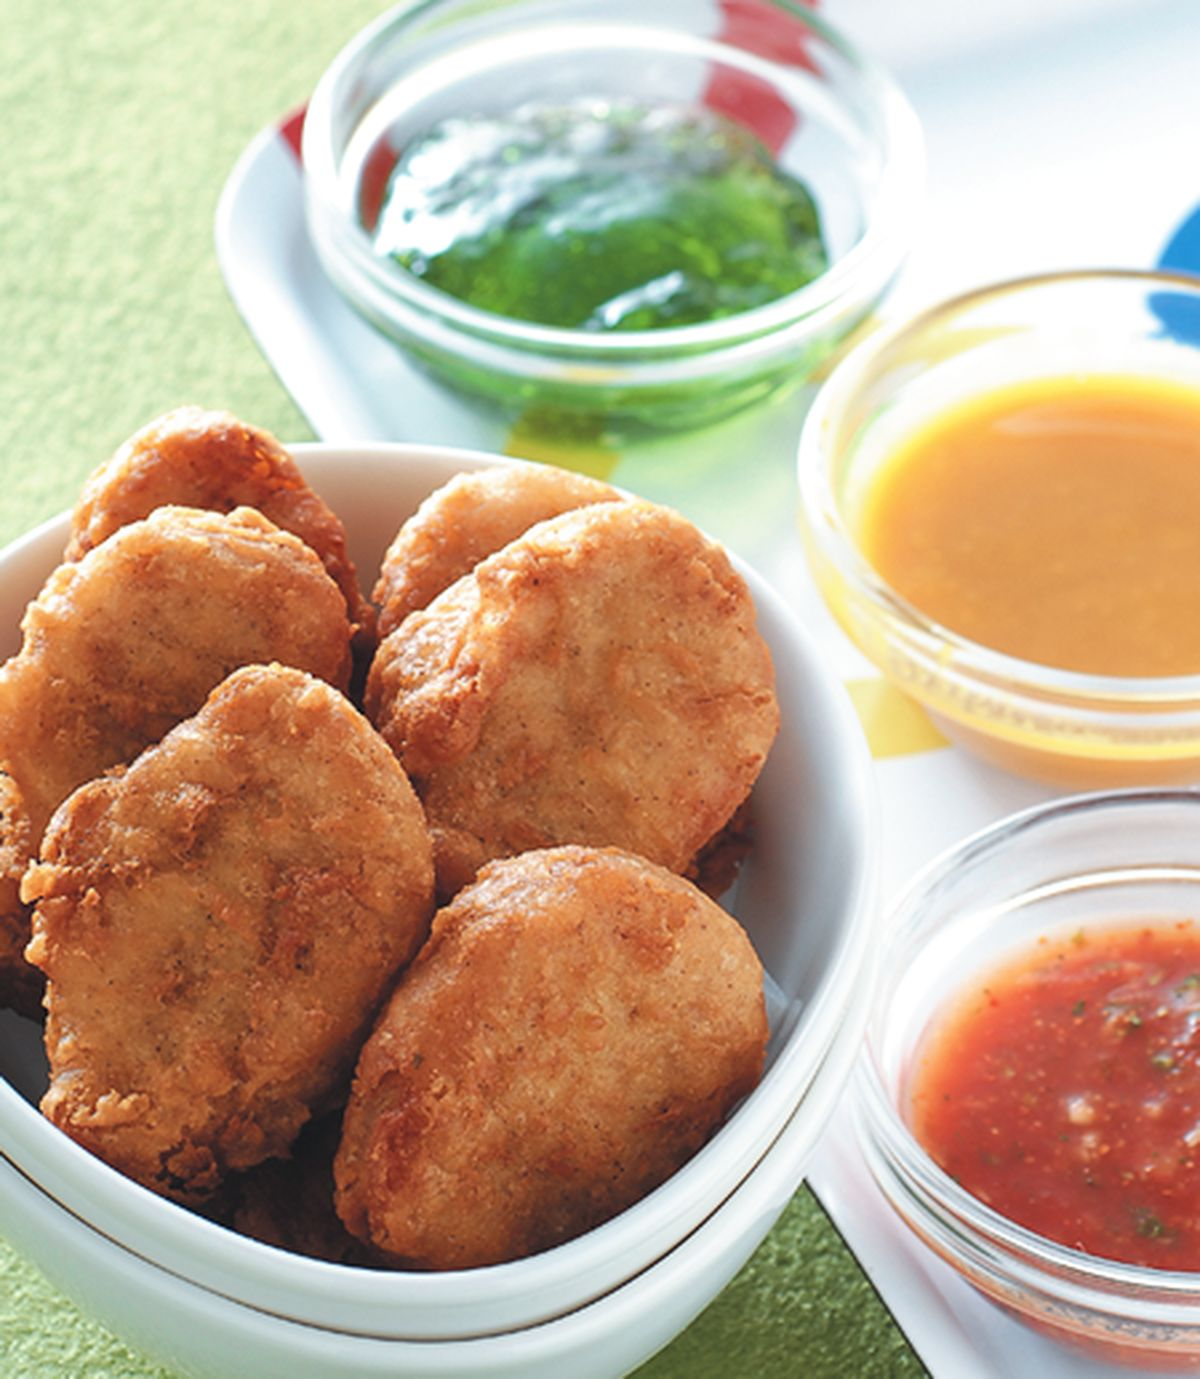 食譜:麥克炸雞